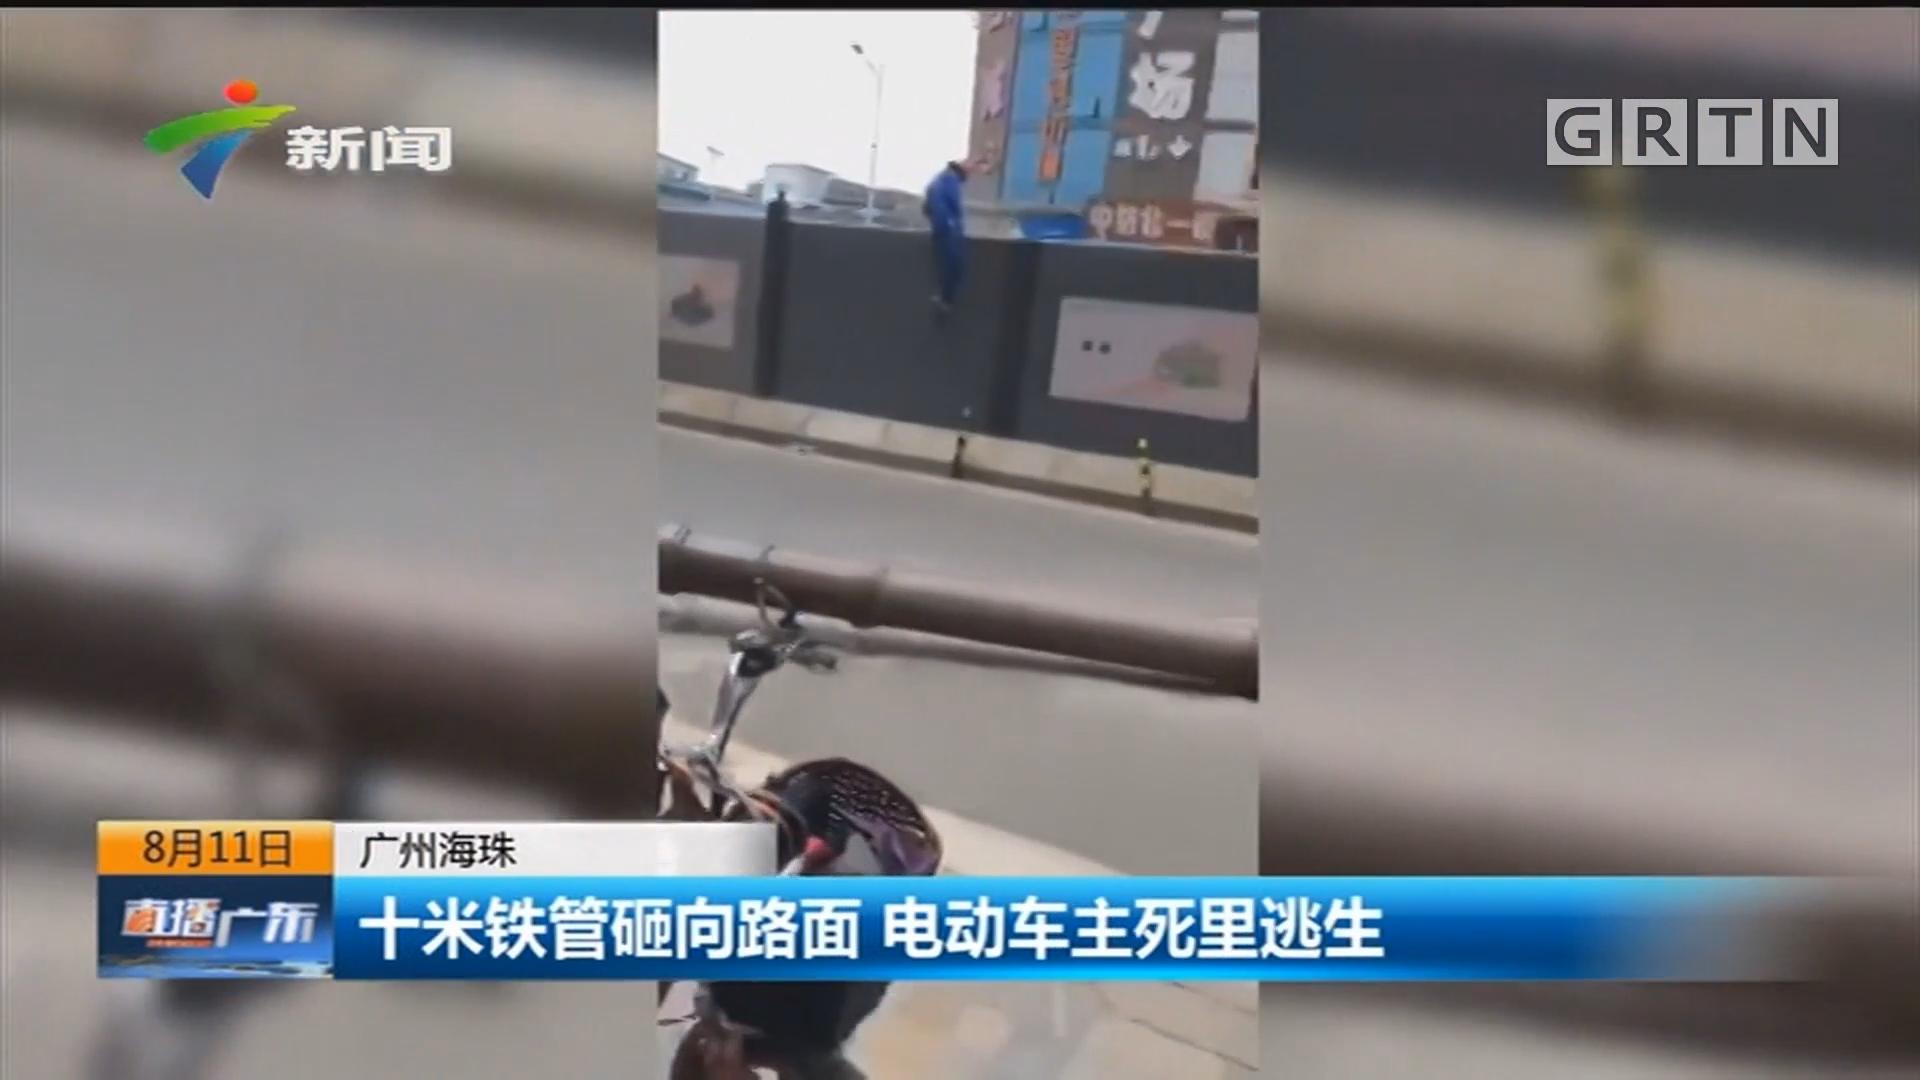 广州海珠 十米铁管砸向路面 电动车主死里逃生